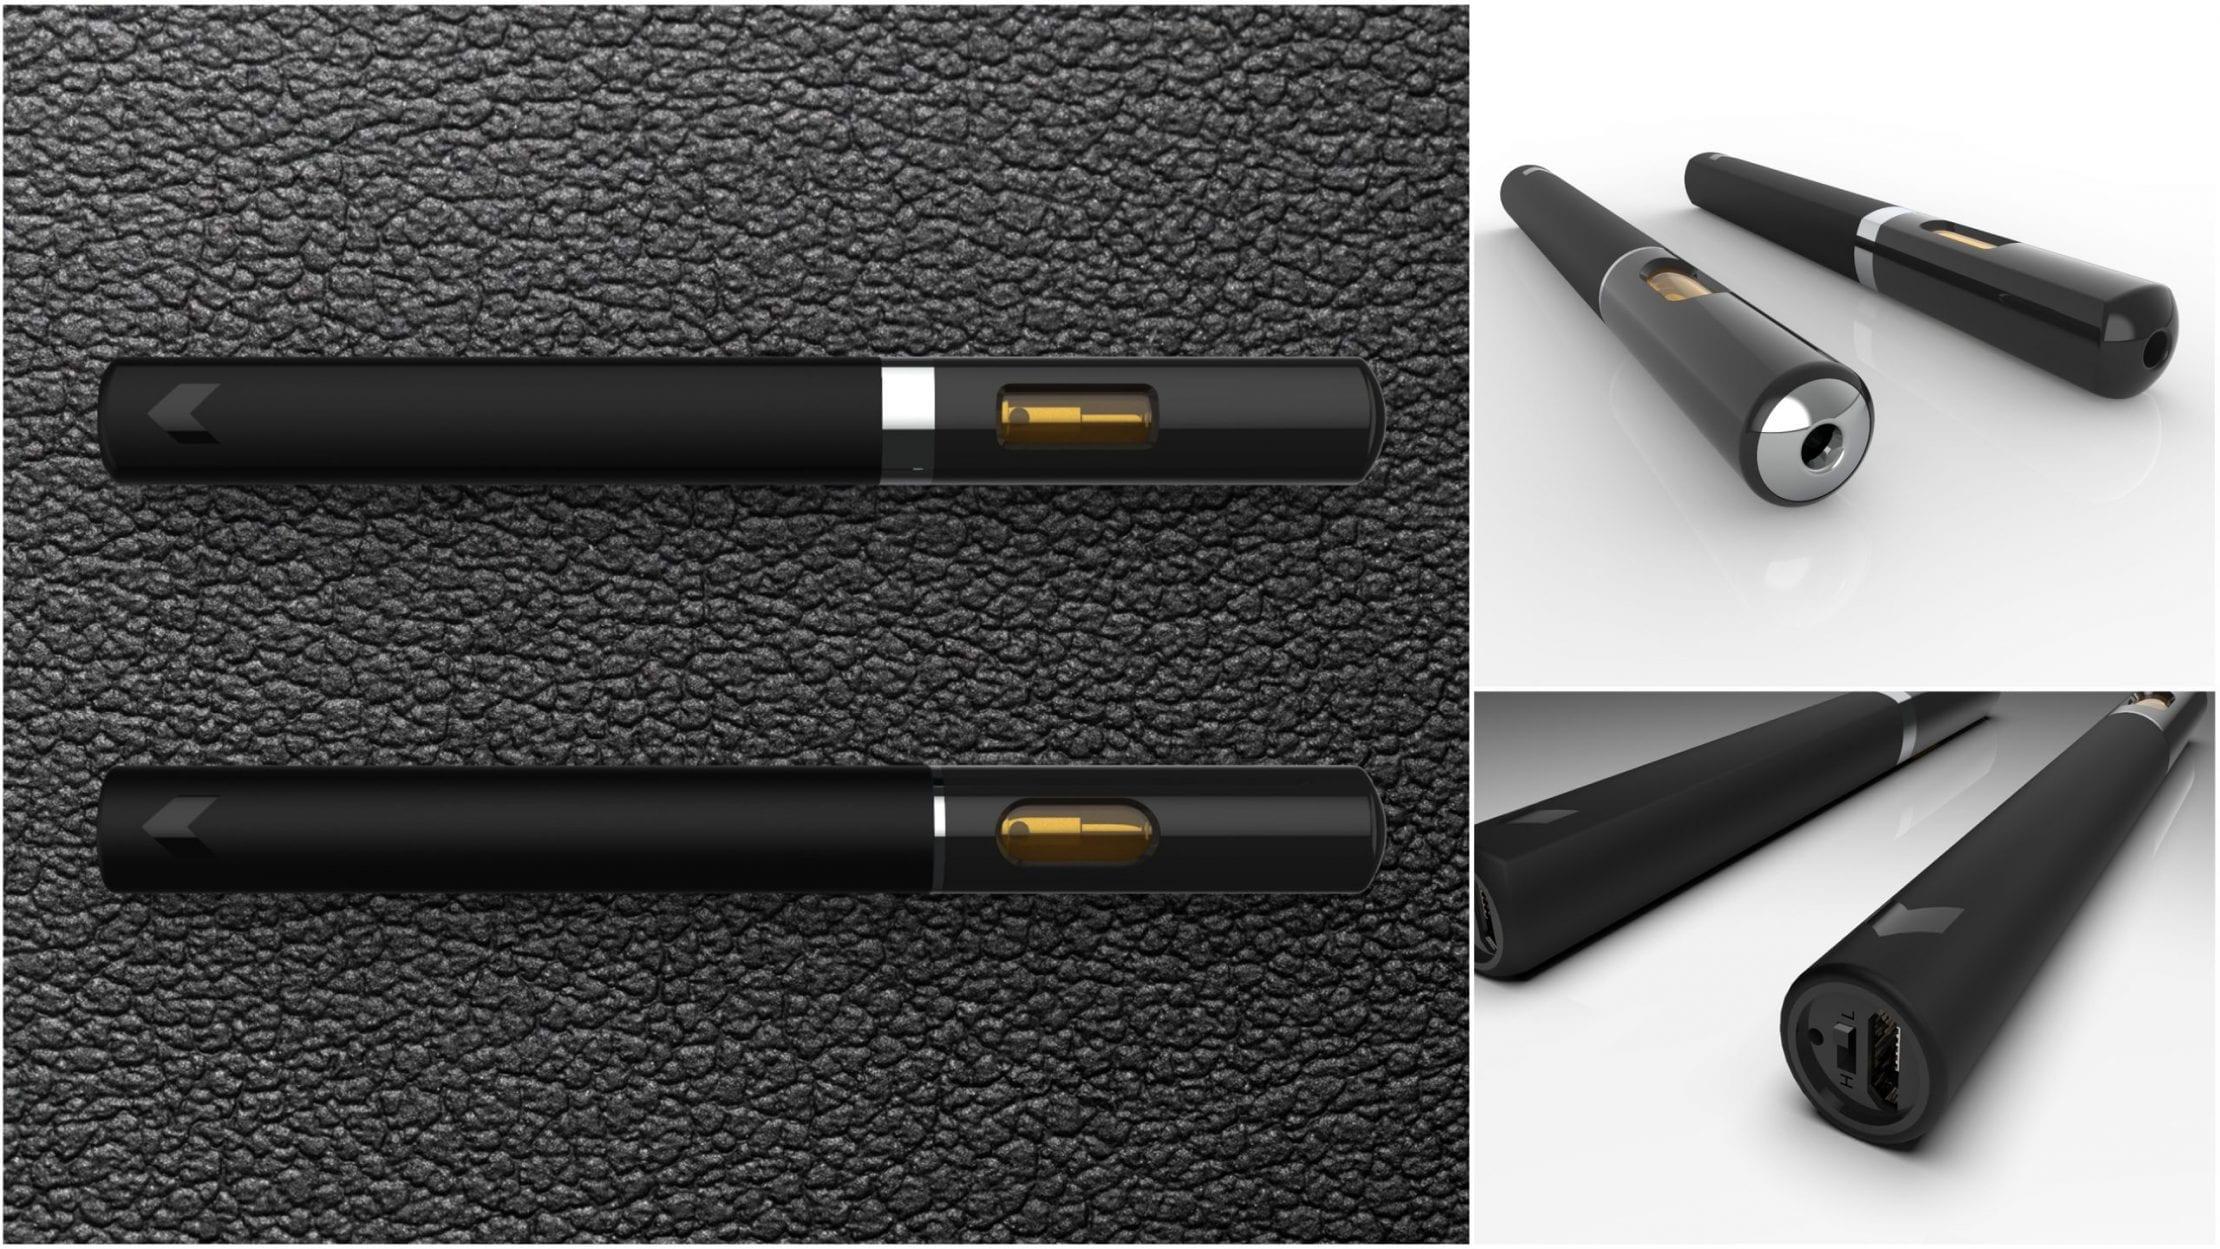 Hyper Custom low profile battery vape pen scaled